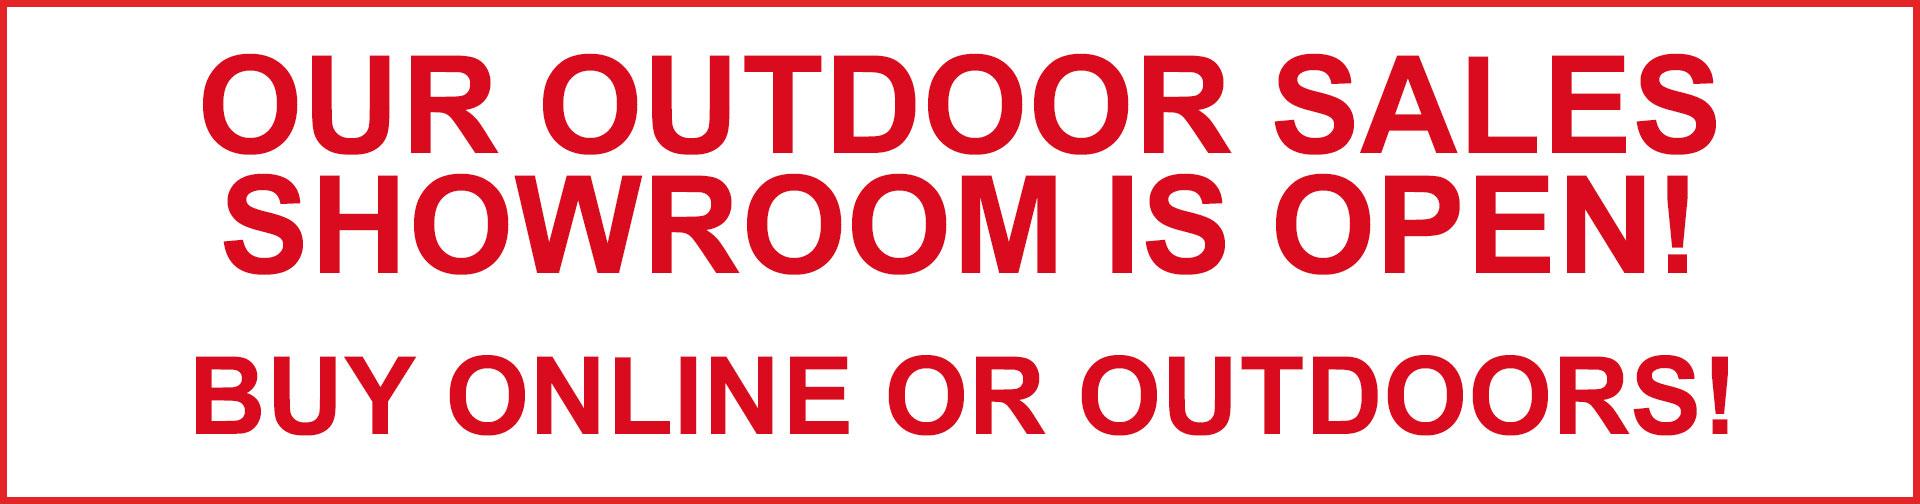 Our Outdoor Sales Showroom is open. Buy online or outdoors